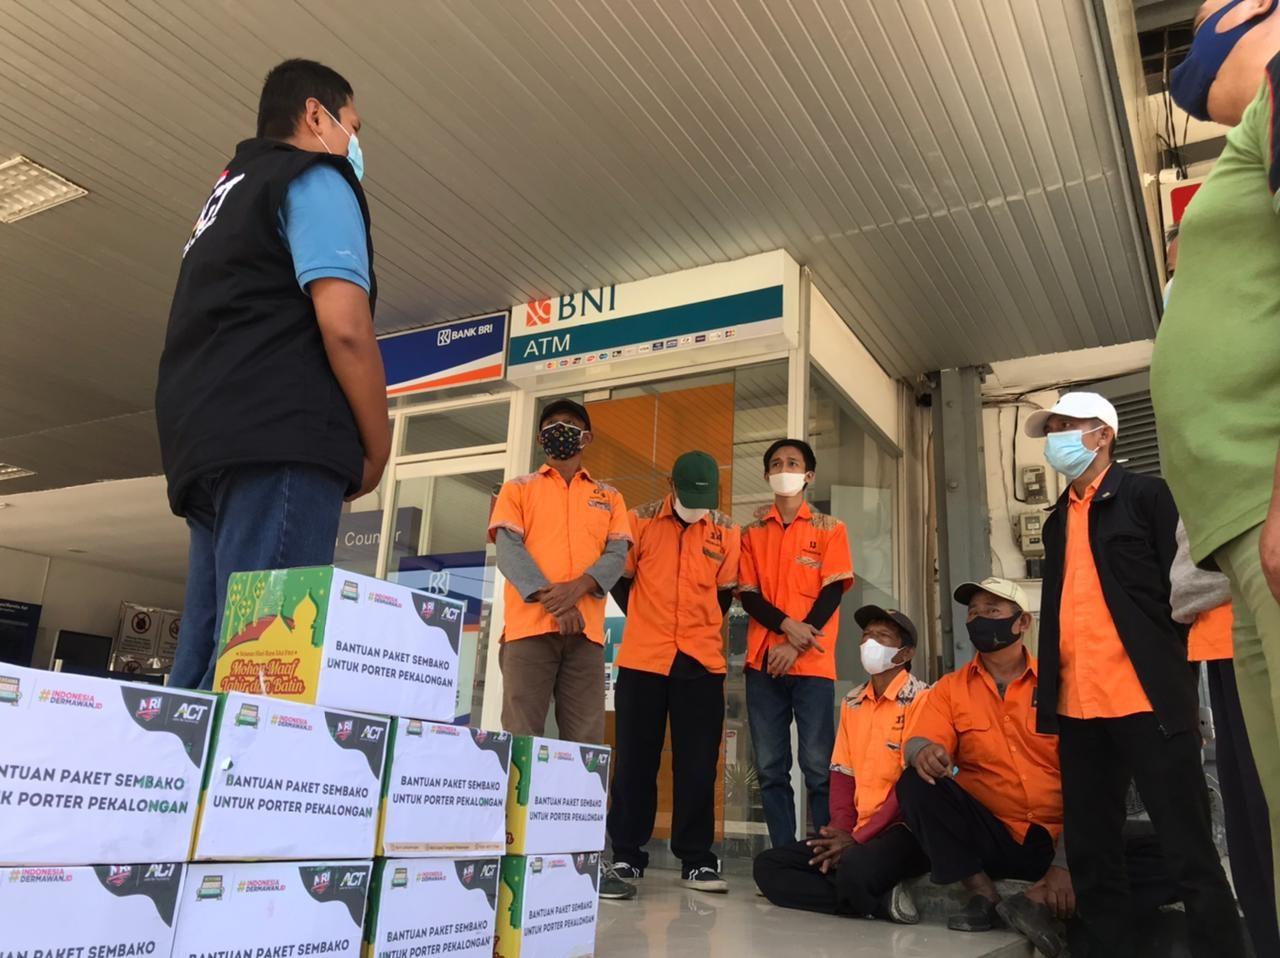 Penerimaan Bantuan Paket Pangan dan uang santunan kepada porter stasiun Pekalongan